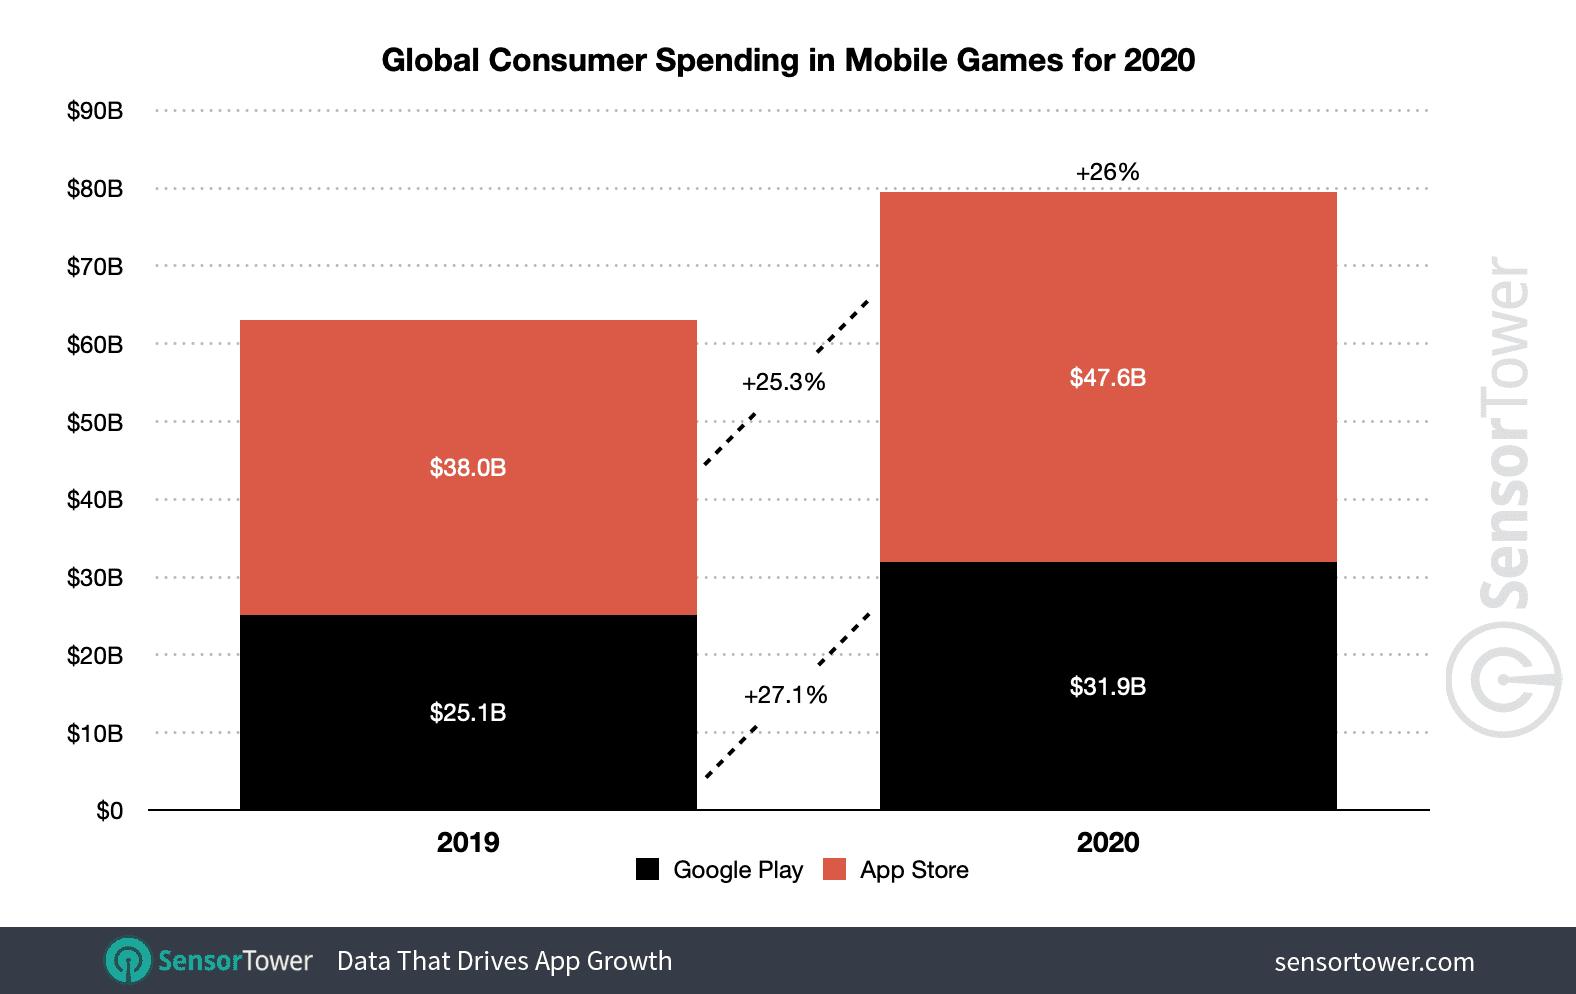 Затраты на мобильные игры по магазинам